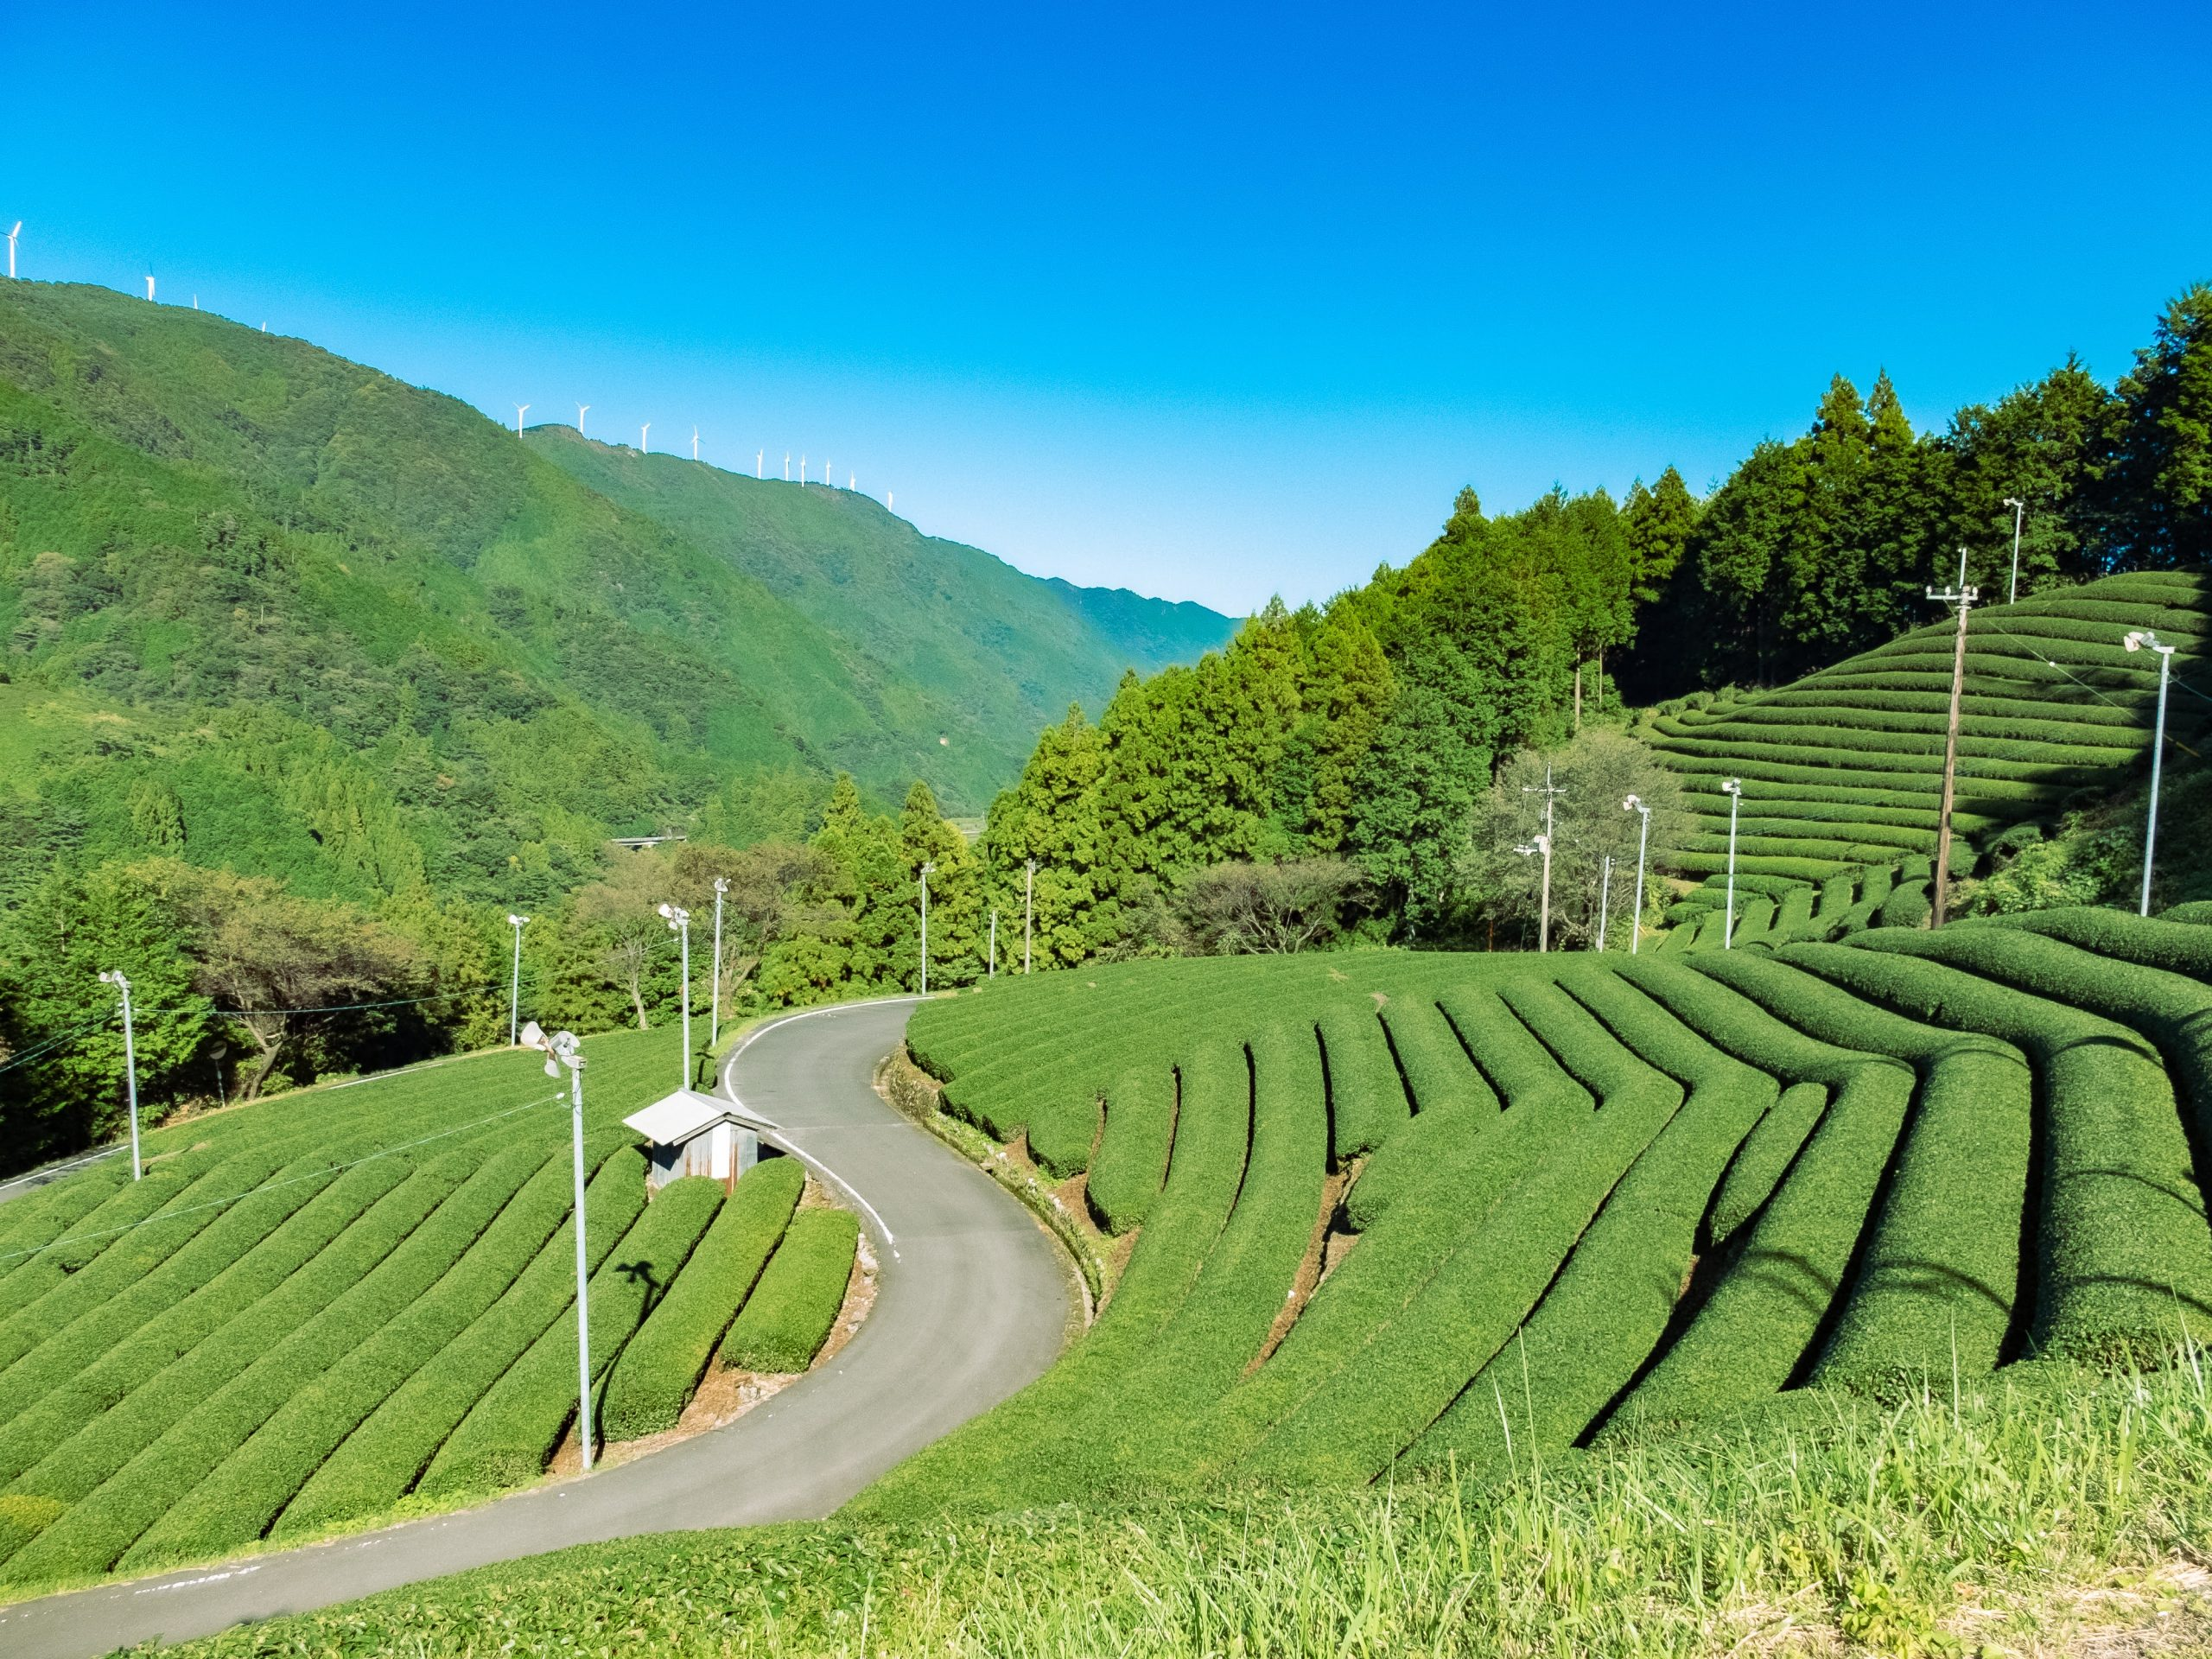 布施ヶ坂の茶畑